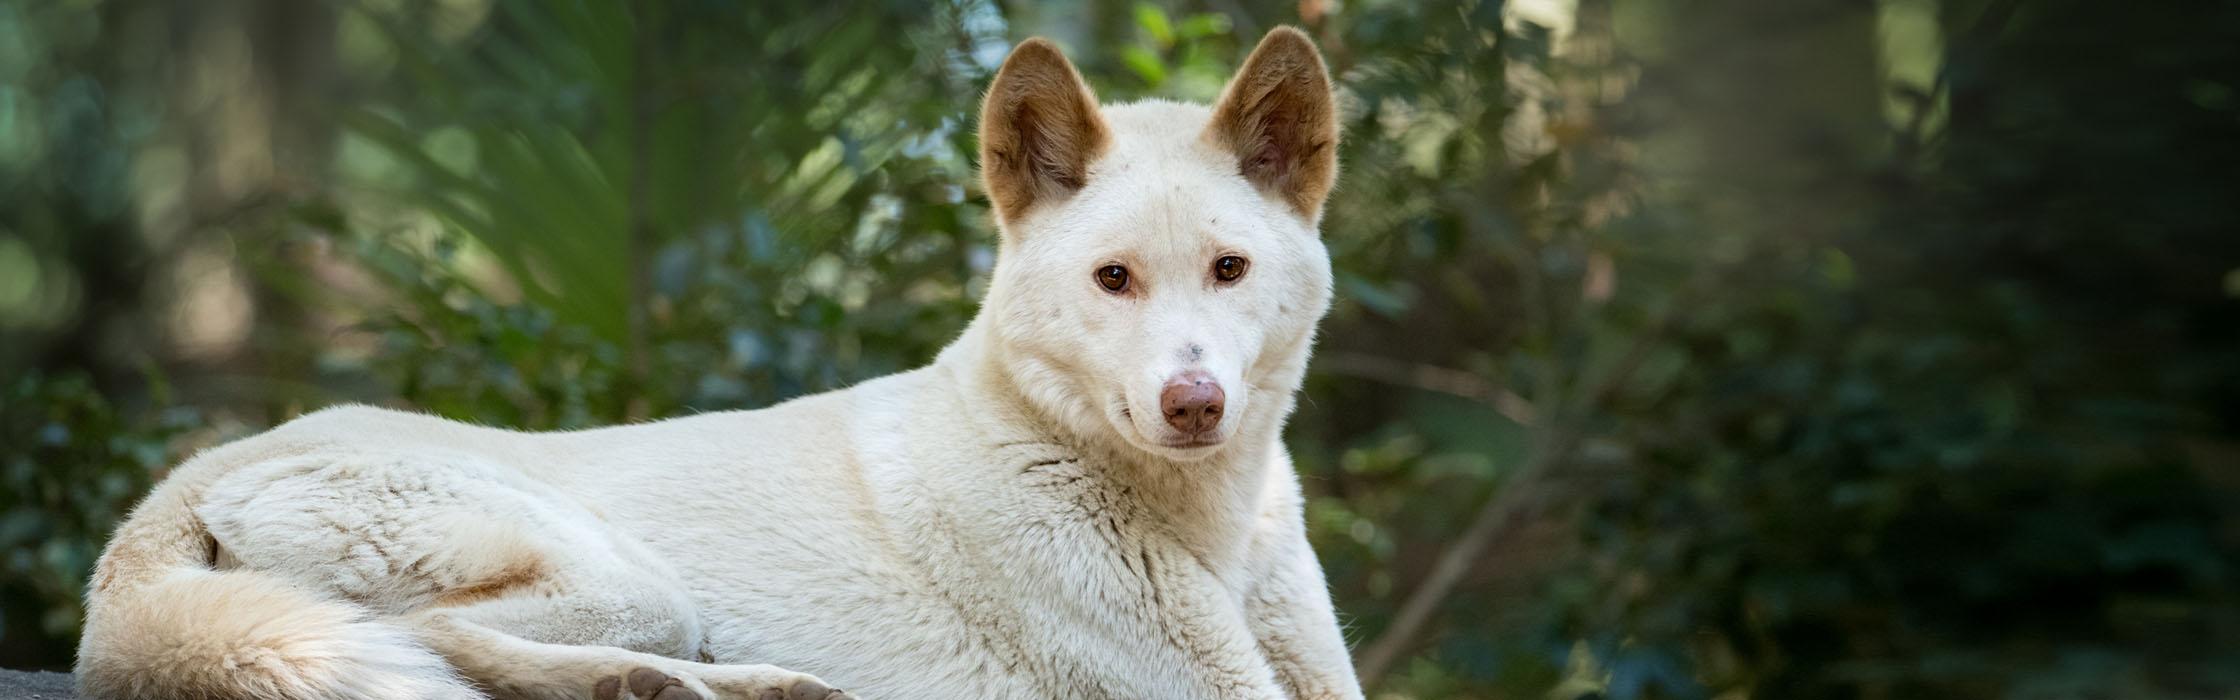 Support Wildlife - Adopt an Animal - Alpine Dingo (Archie) 2240x700